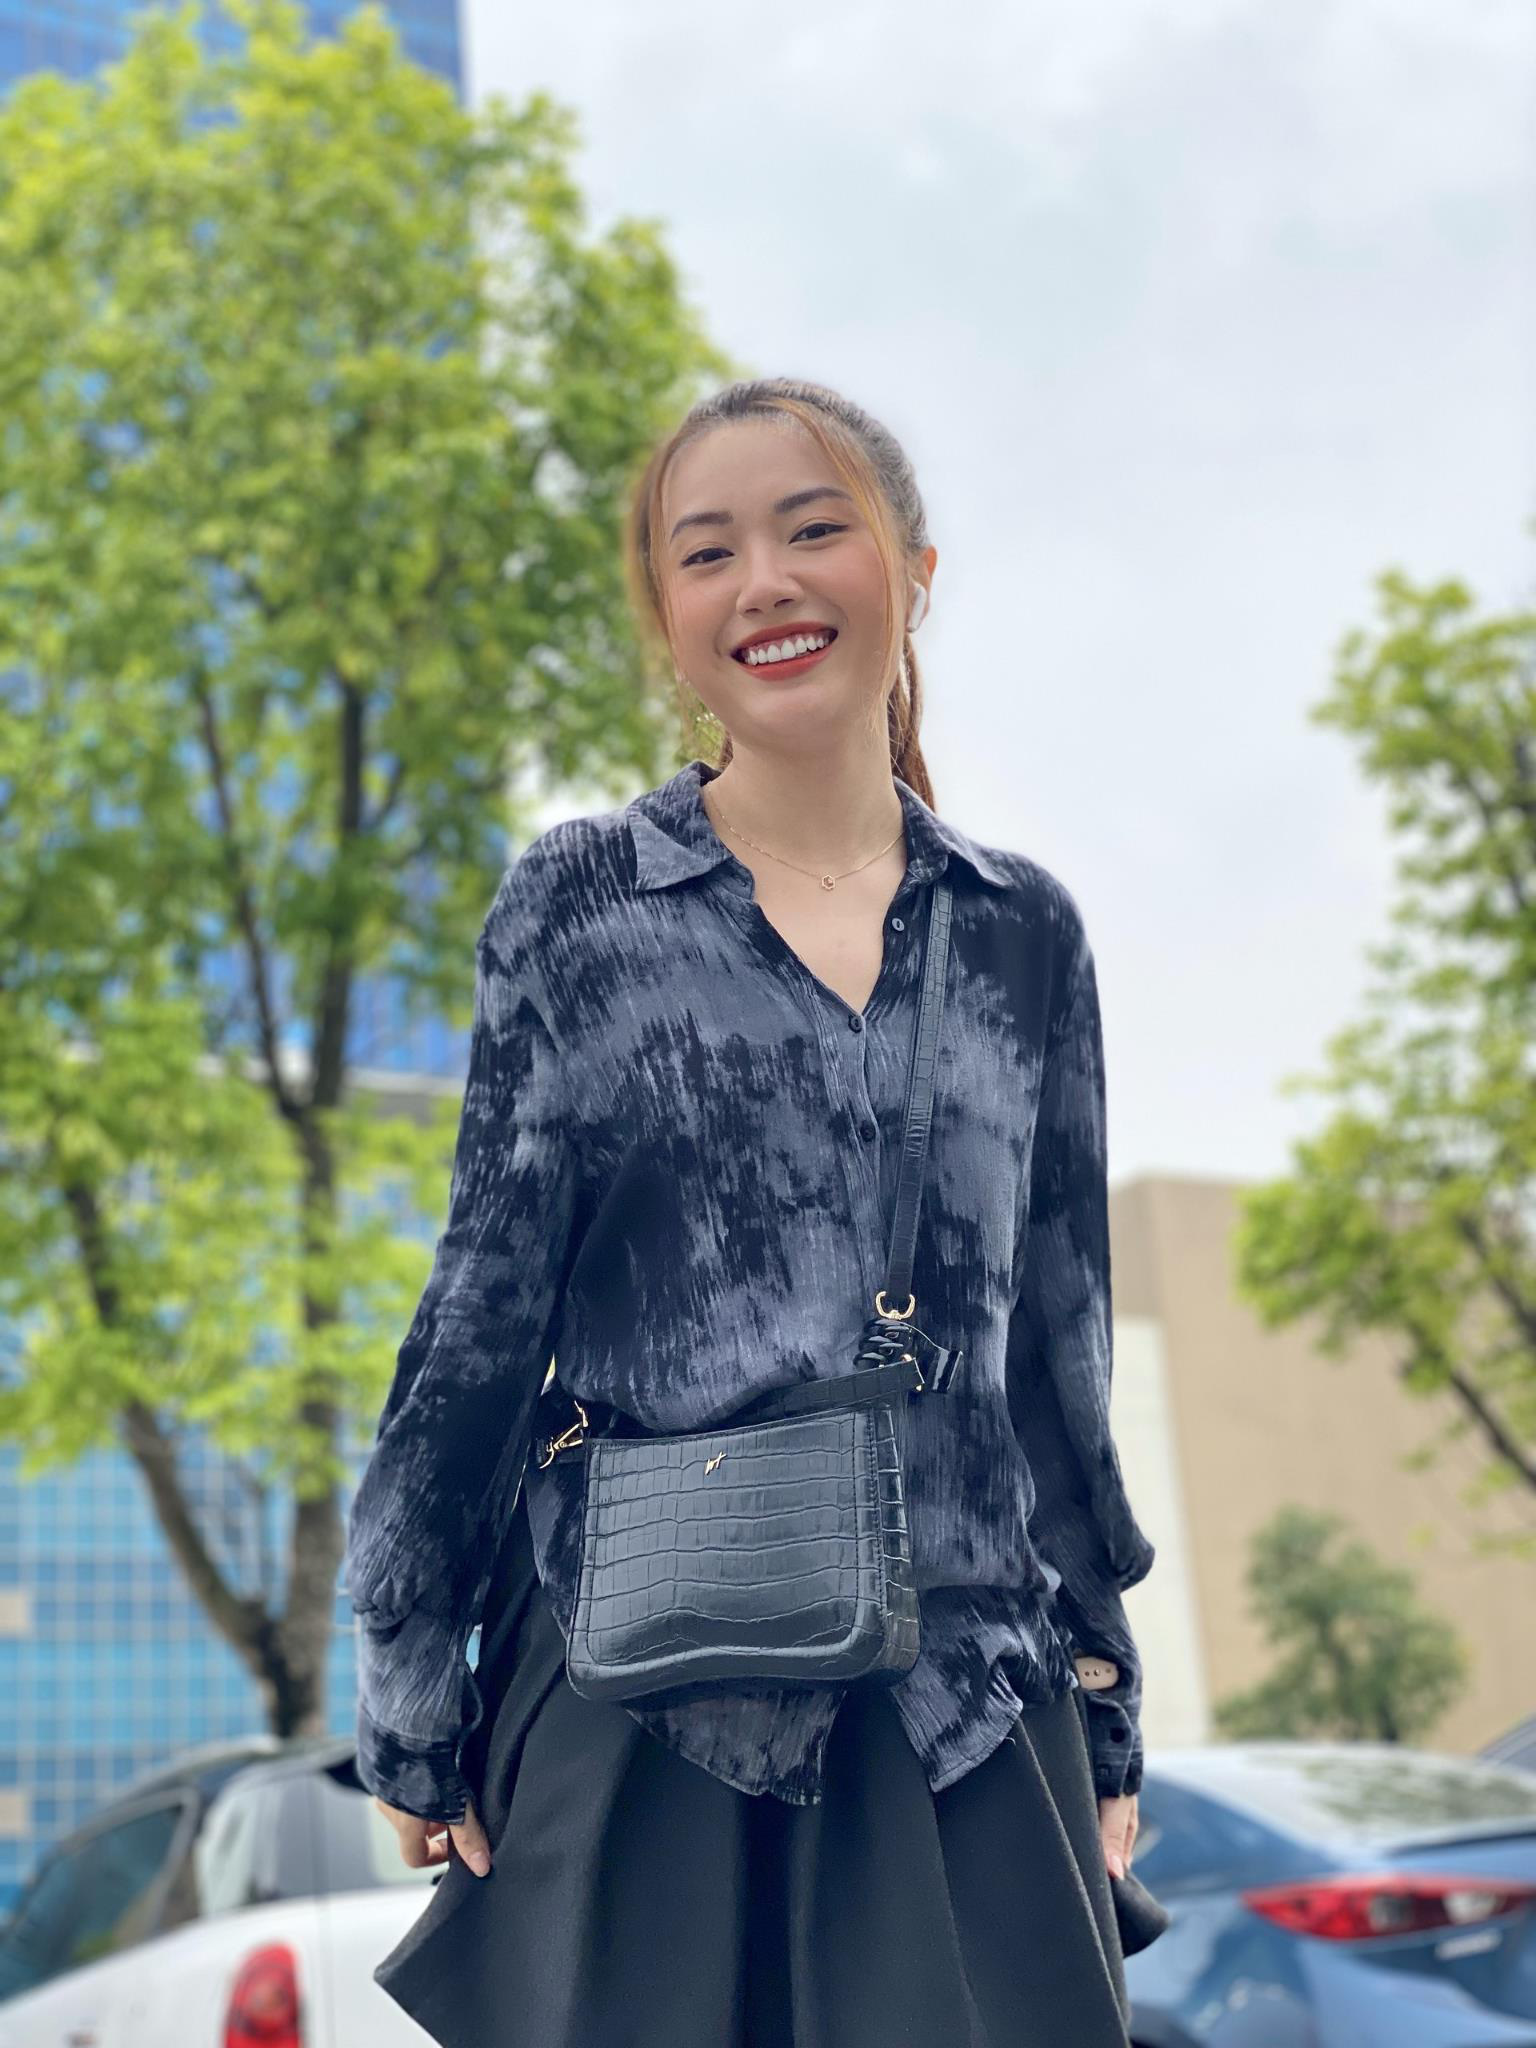 Tò mò chiếc túi được diễn viên Kiều My chọn cho vai Mai Khôi trong phim Ngày Mai Bình Yên - Ảnh 1.